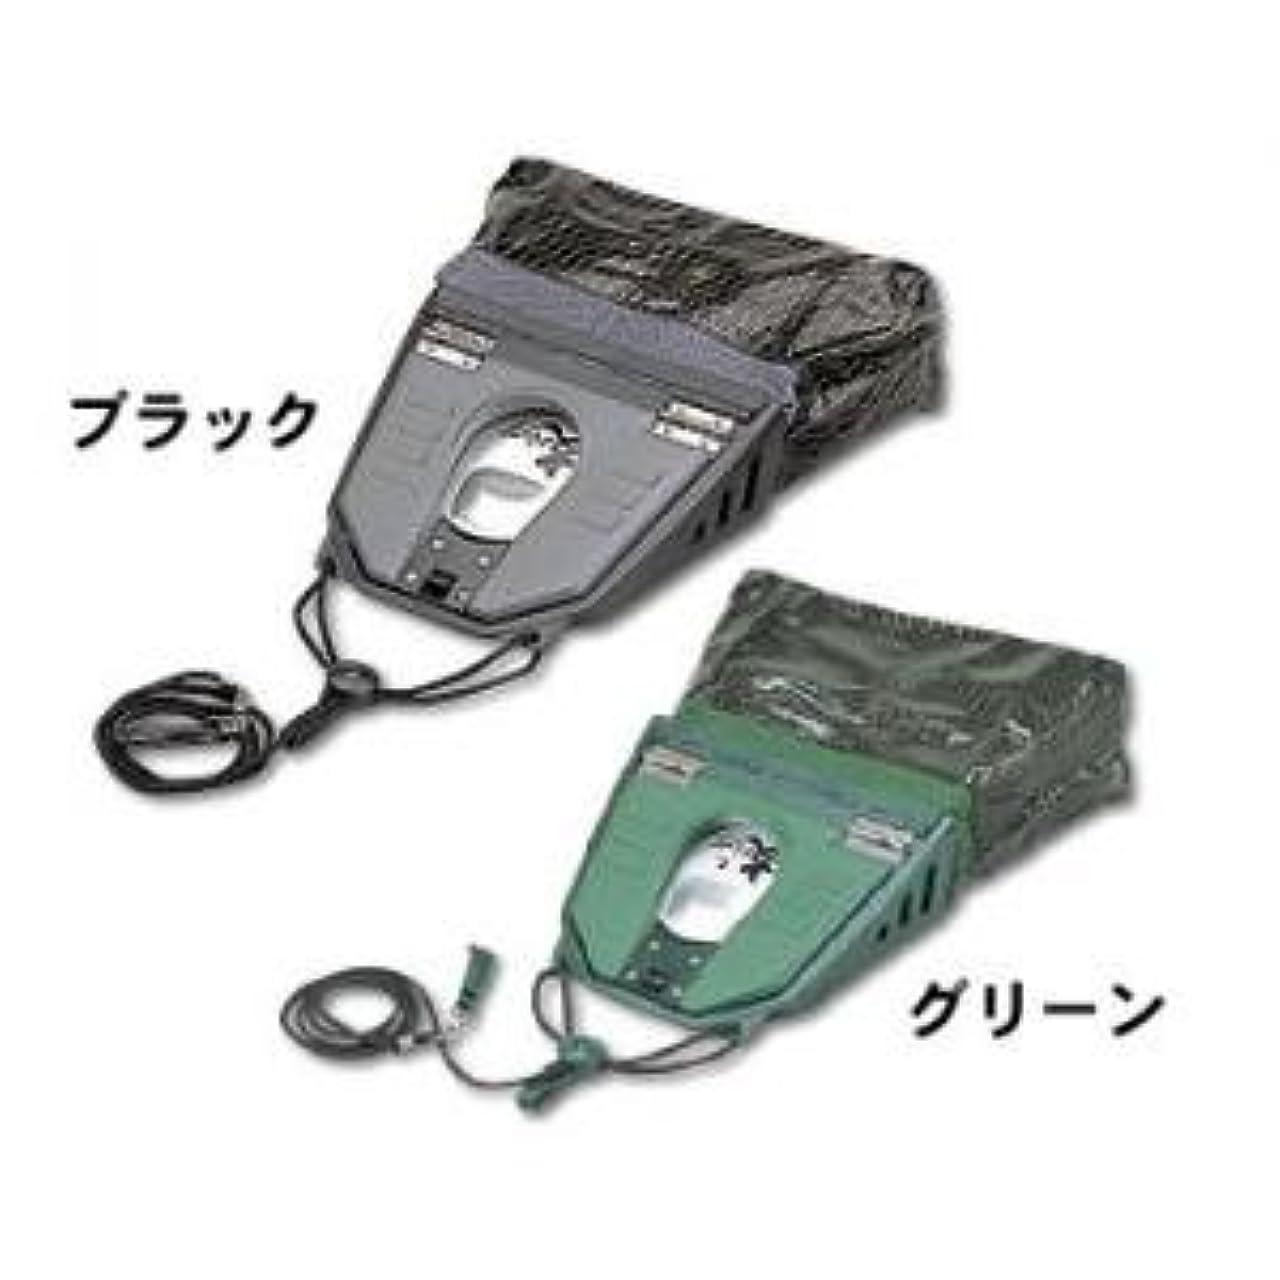 ログ明らか滑りやすいダイワ(Daiwa) タックルバッグ 友バッグ L ブラック 273893